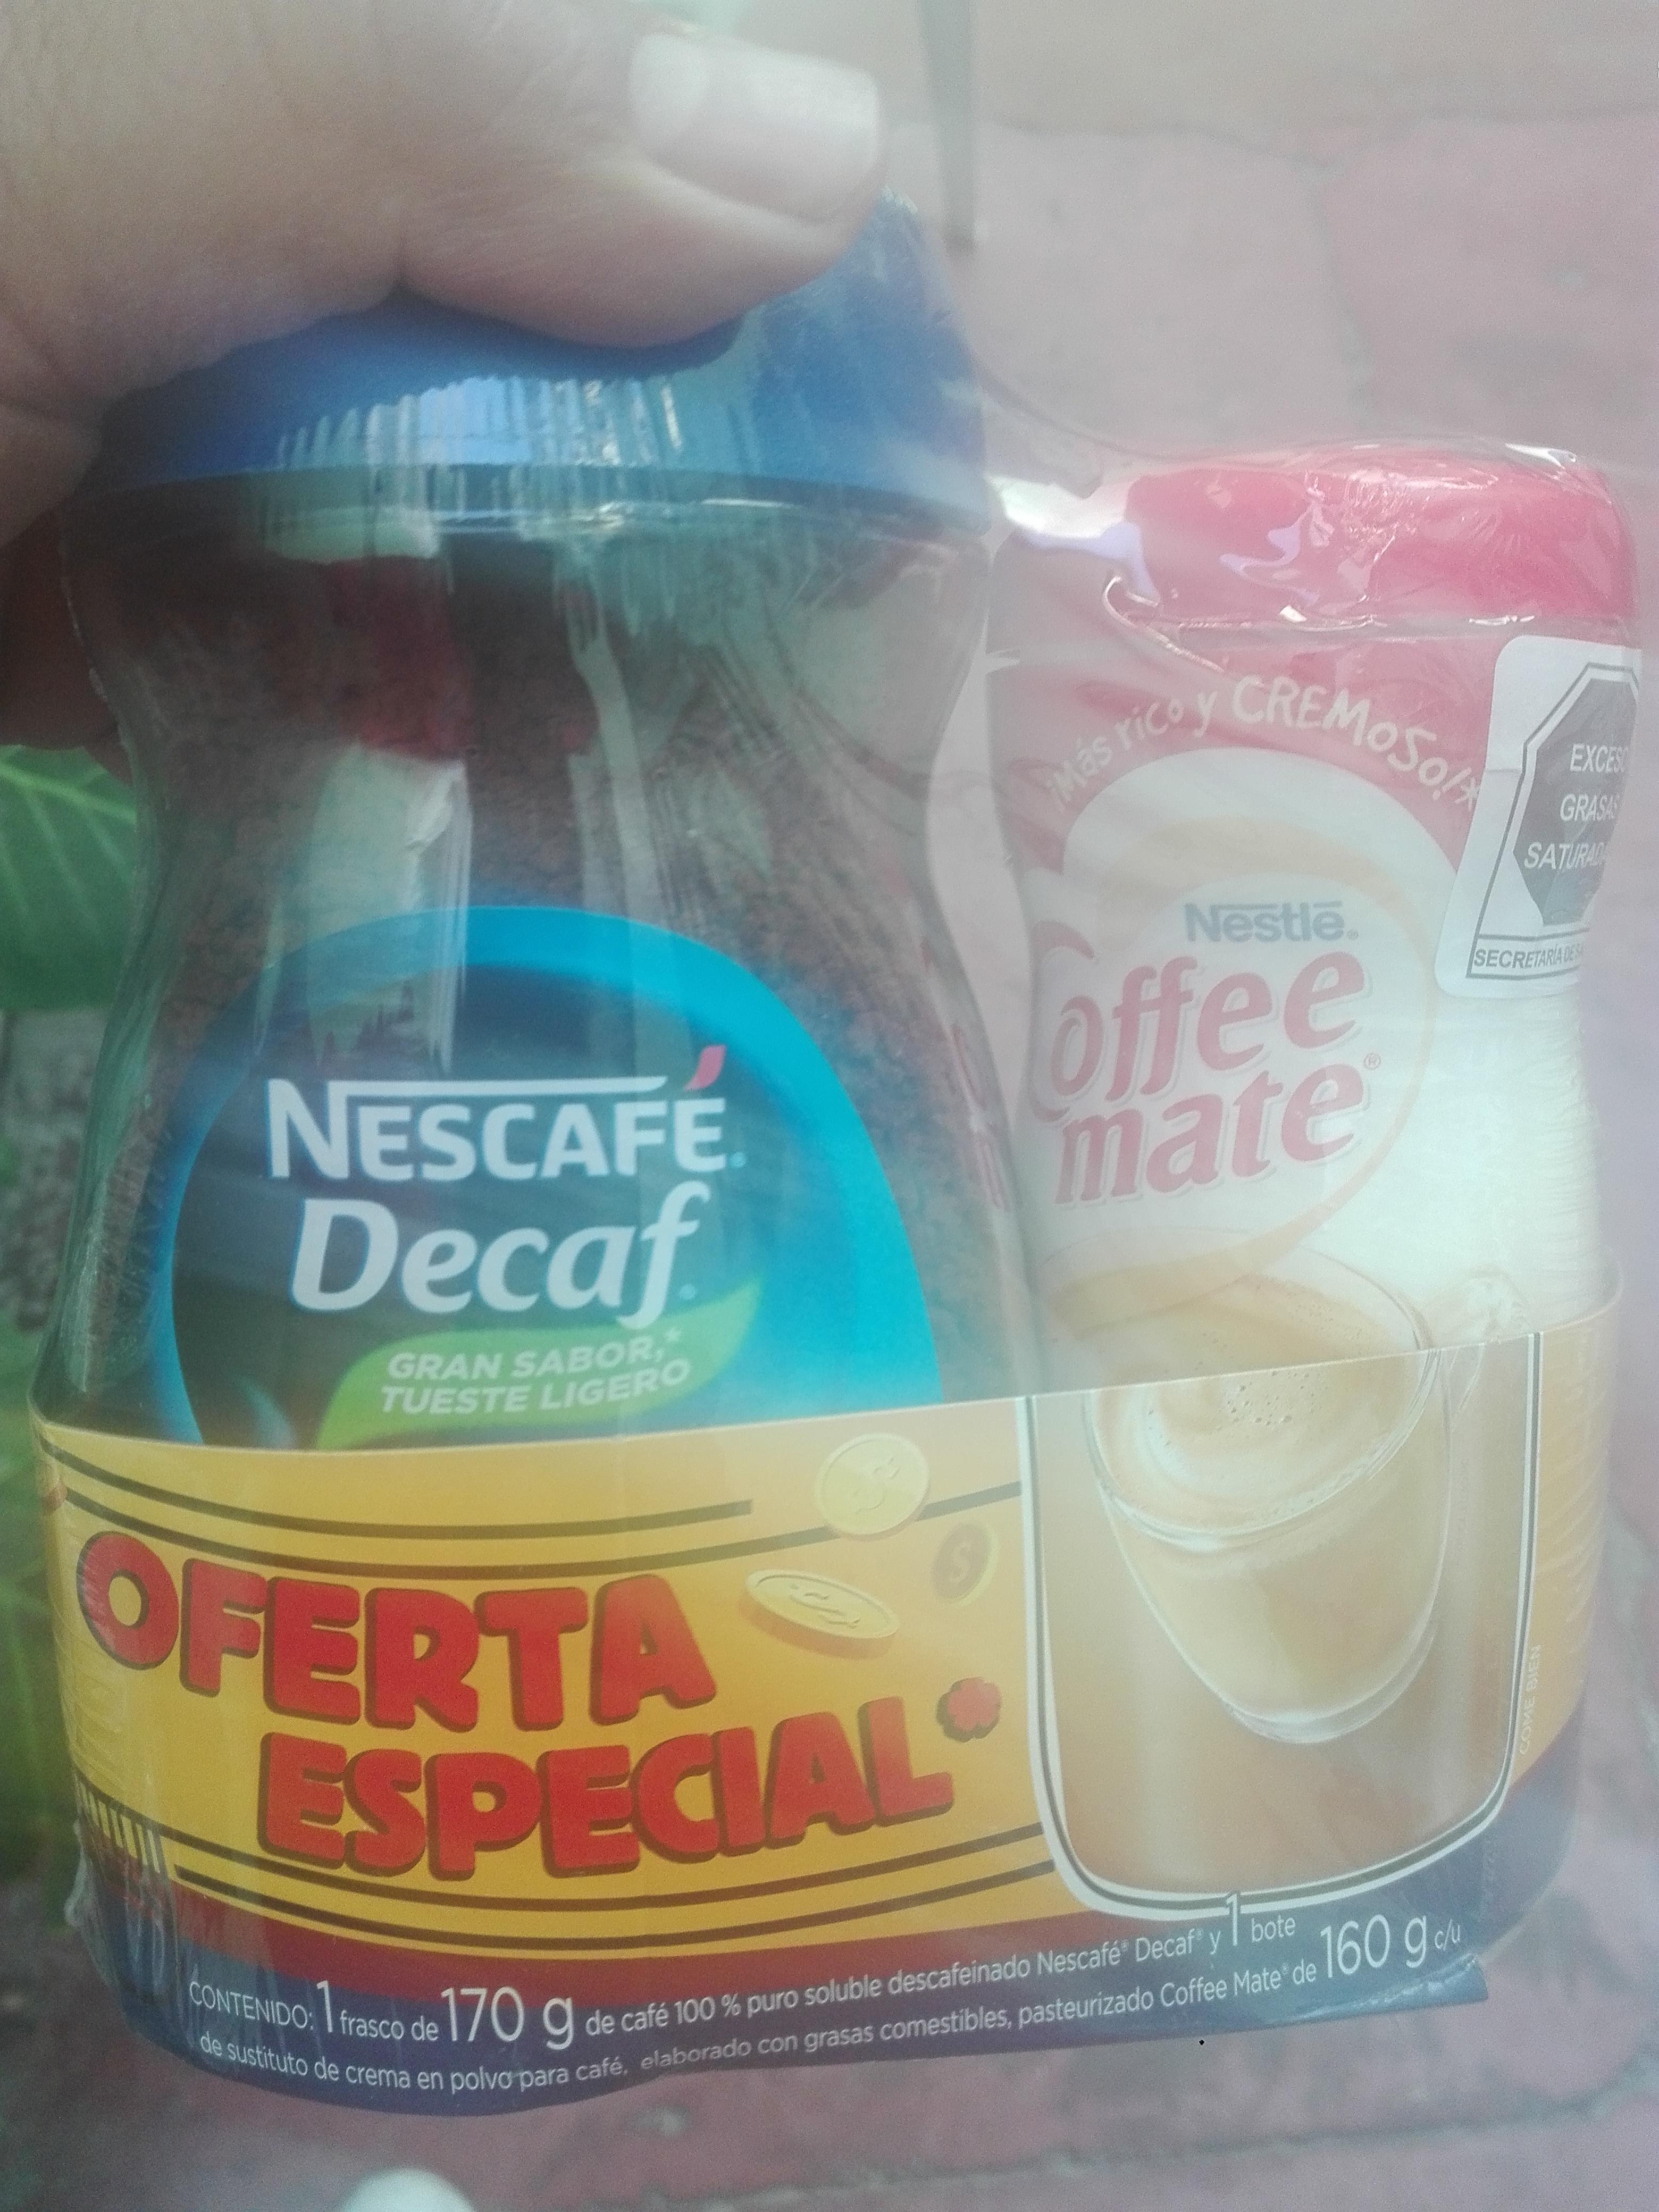 Bodega Aurrerá: nescafe decaf de 170g mas coffe mate